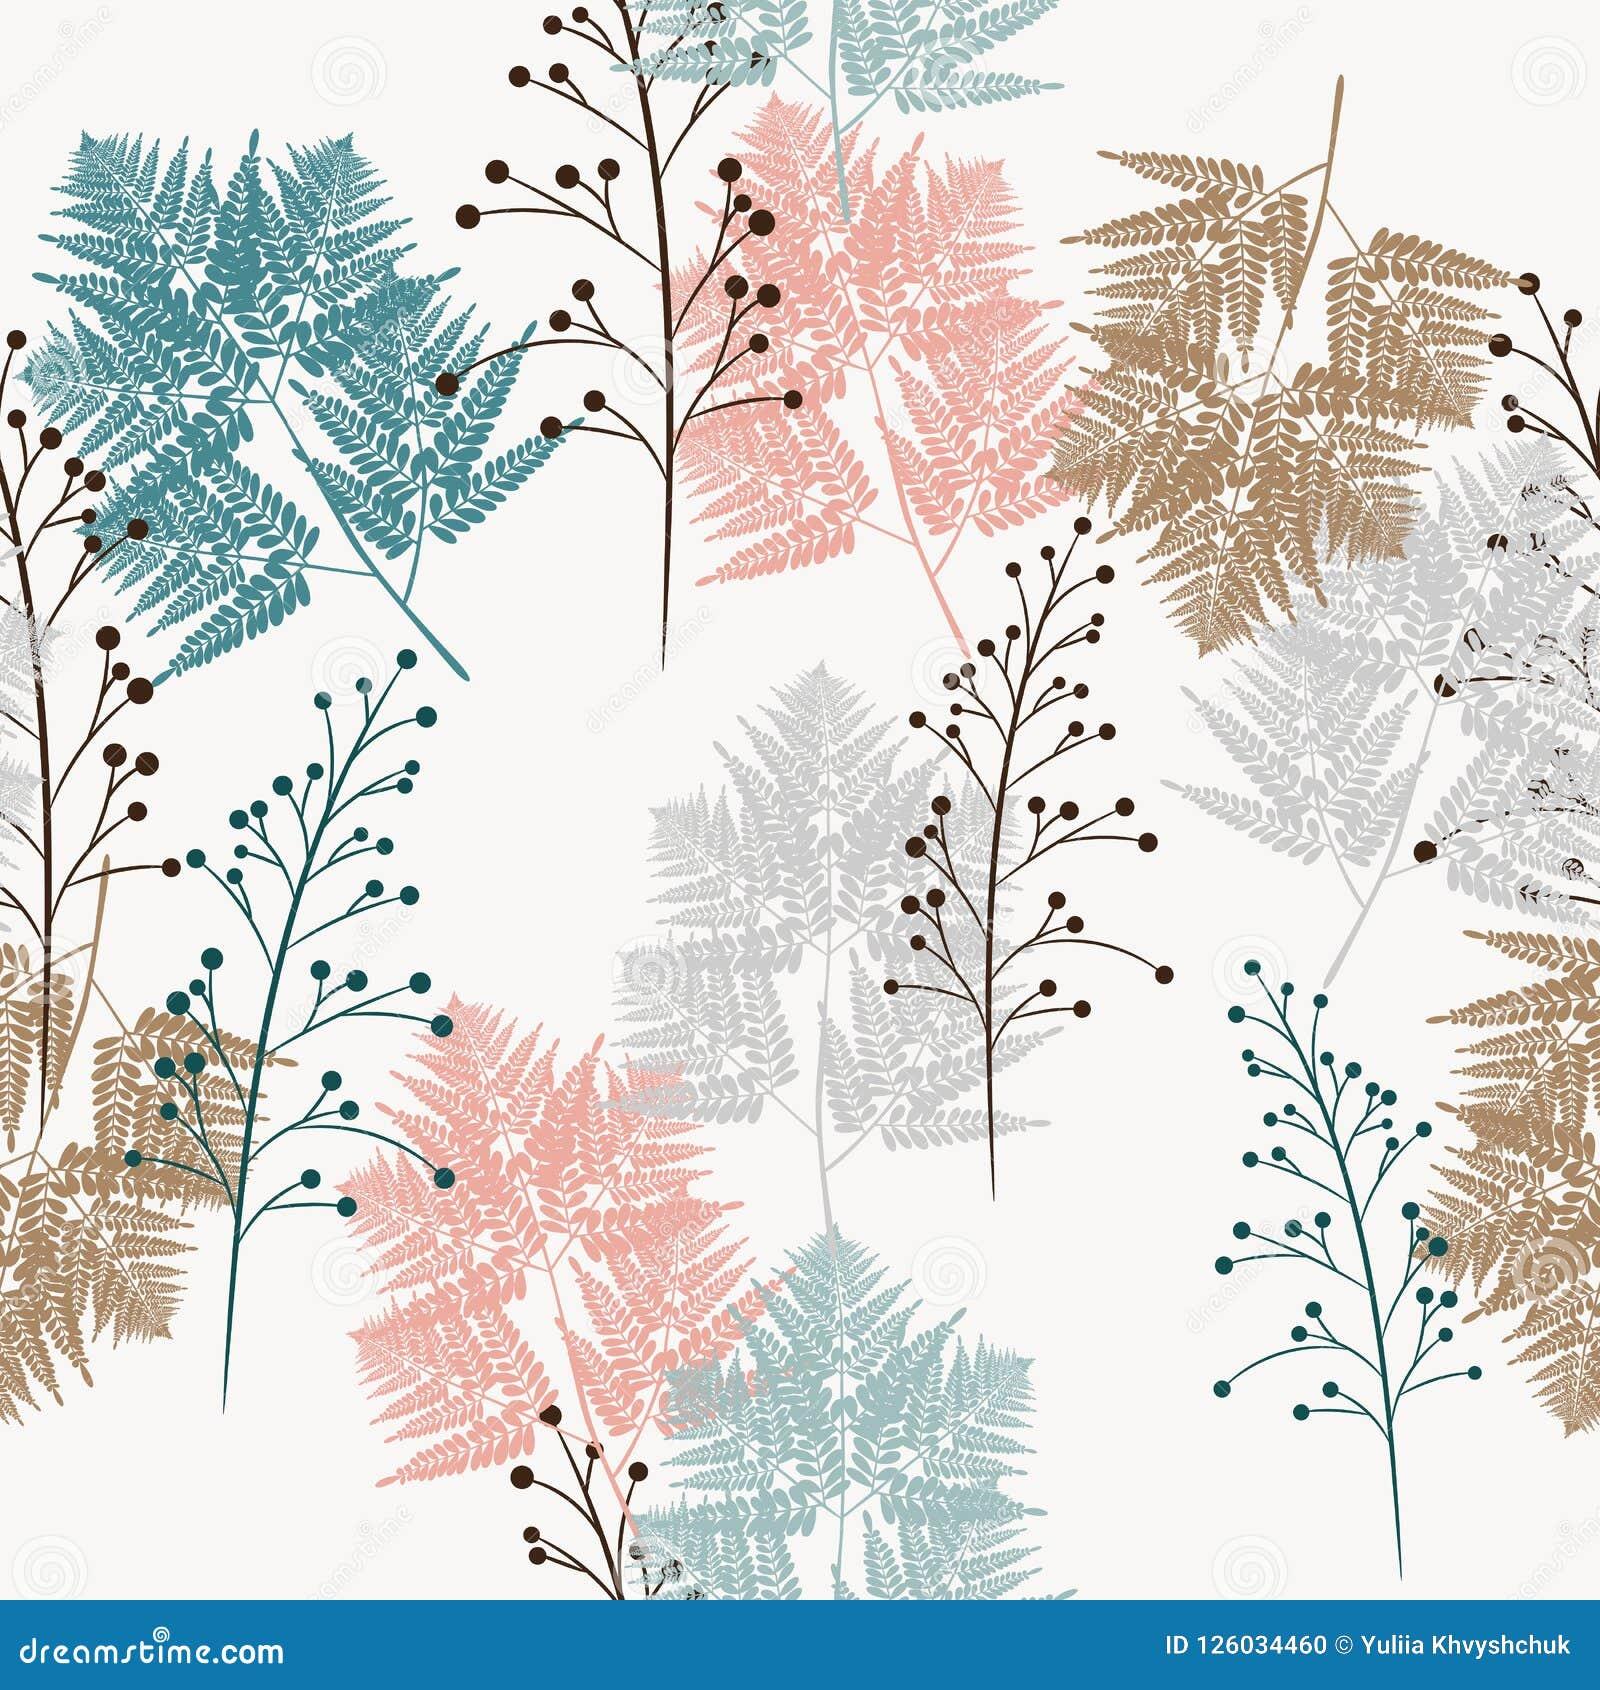 Nahtloses Vektormuster von Kräutern und Farn, für Gewebe, Papier und anderes Drucken und Netzprojekte